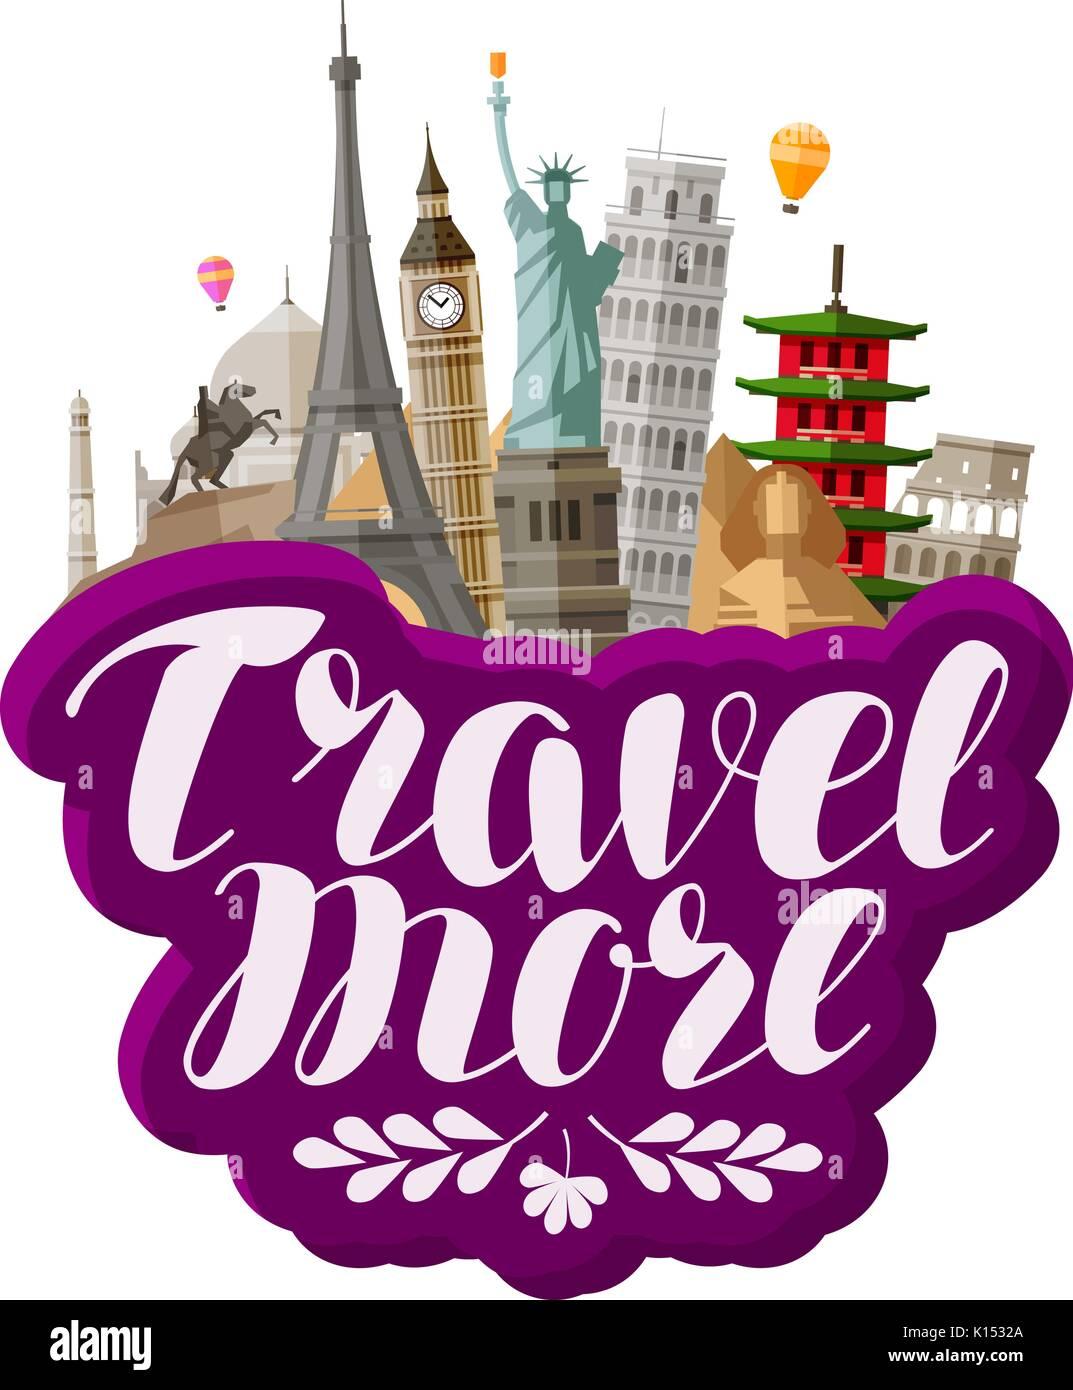 Travel more, lettering. Famous world landmarks. Vector illustration - Stock Image